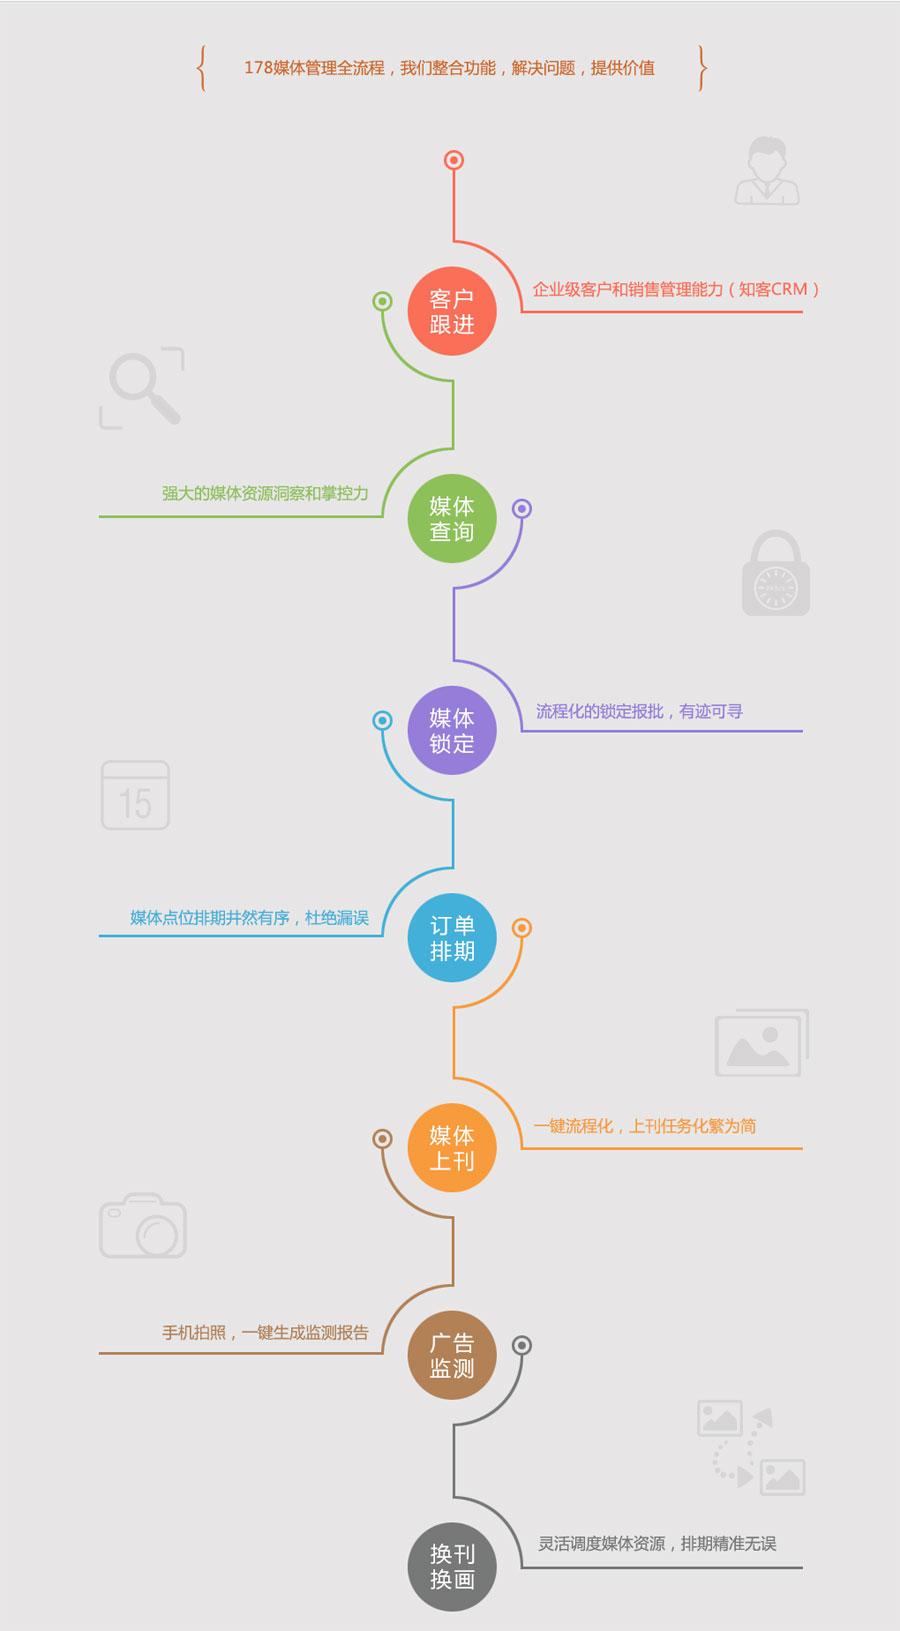 知客CRM户外广告行业解决方案-业务流程